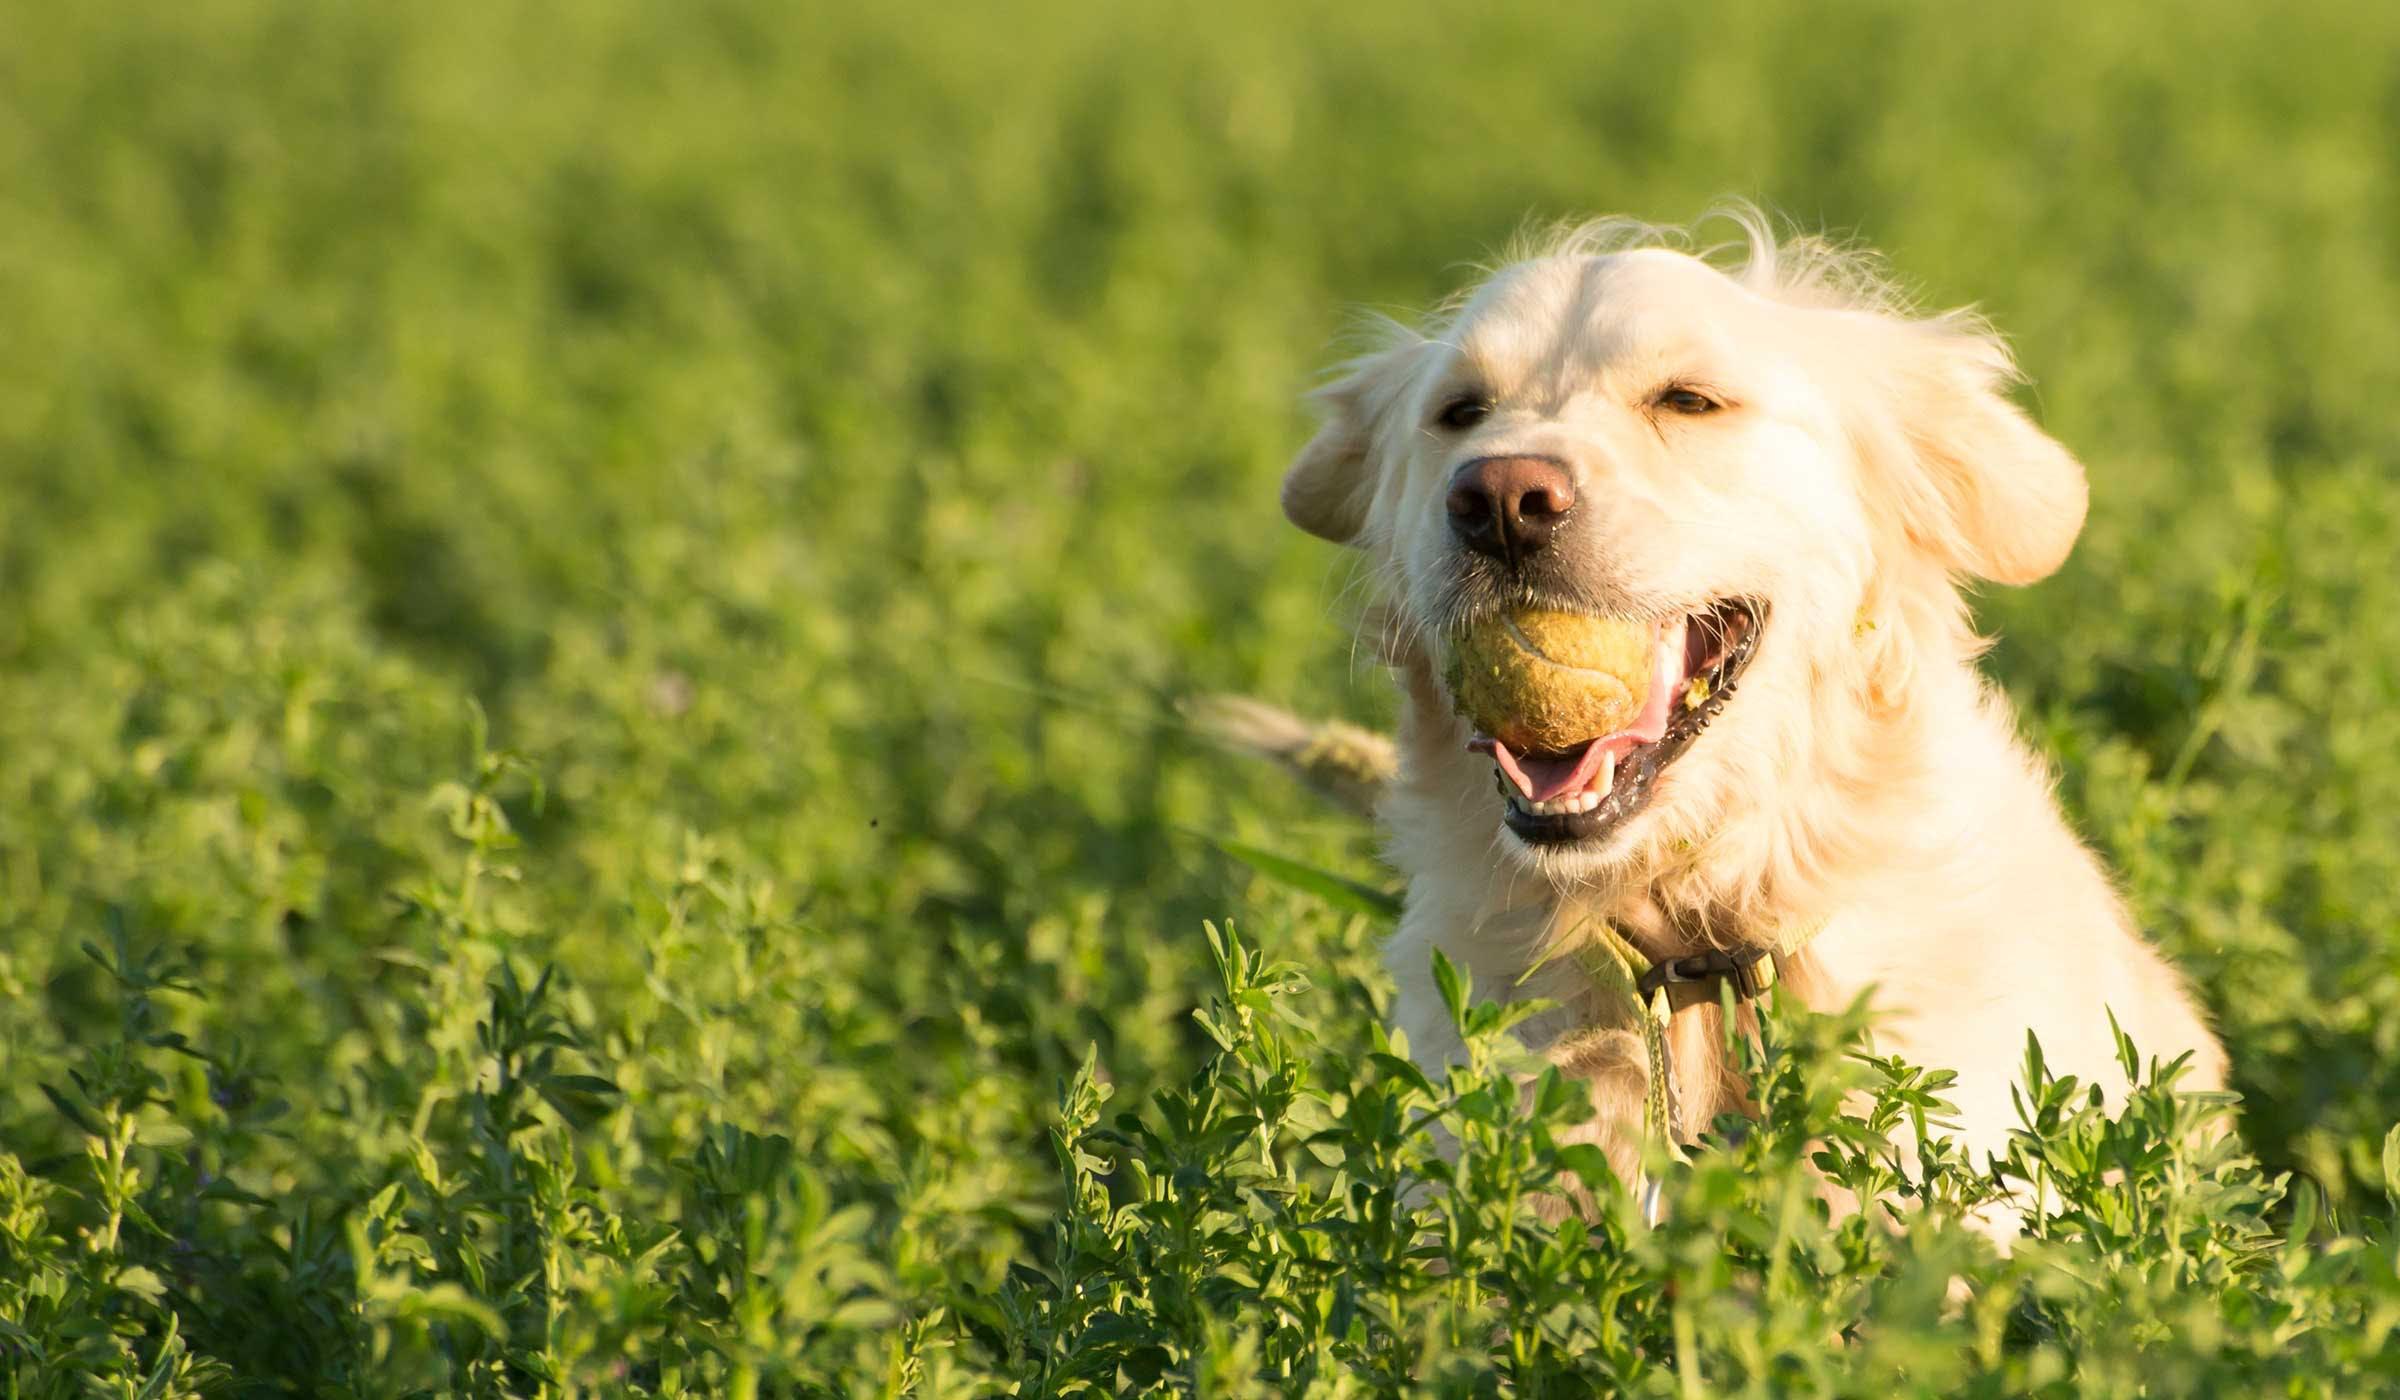 How To Train A Golden Retriever To Fetch